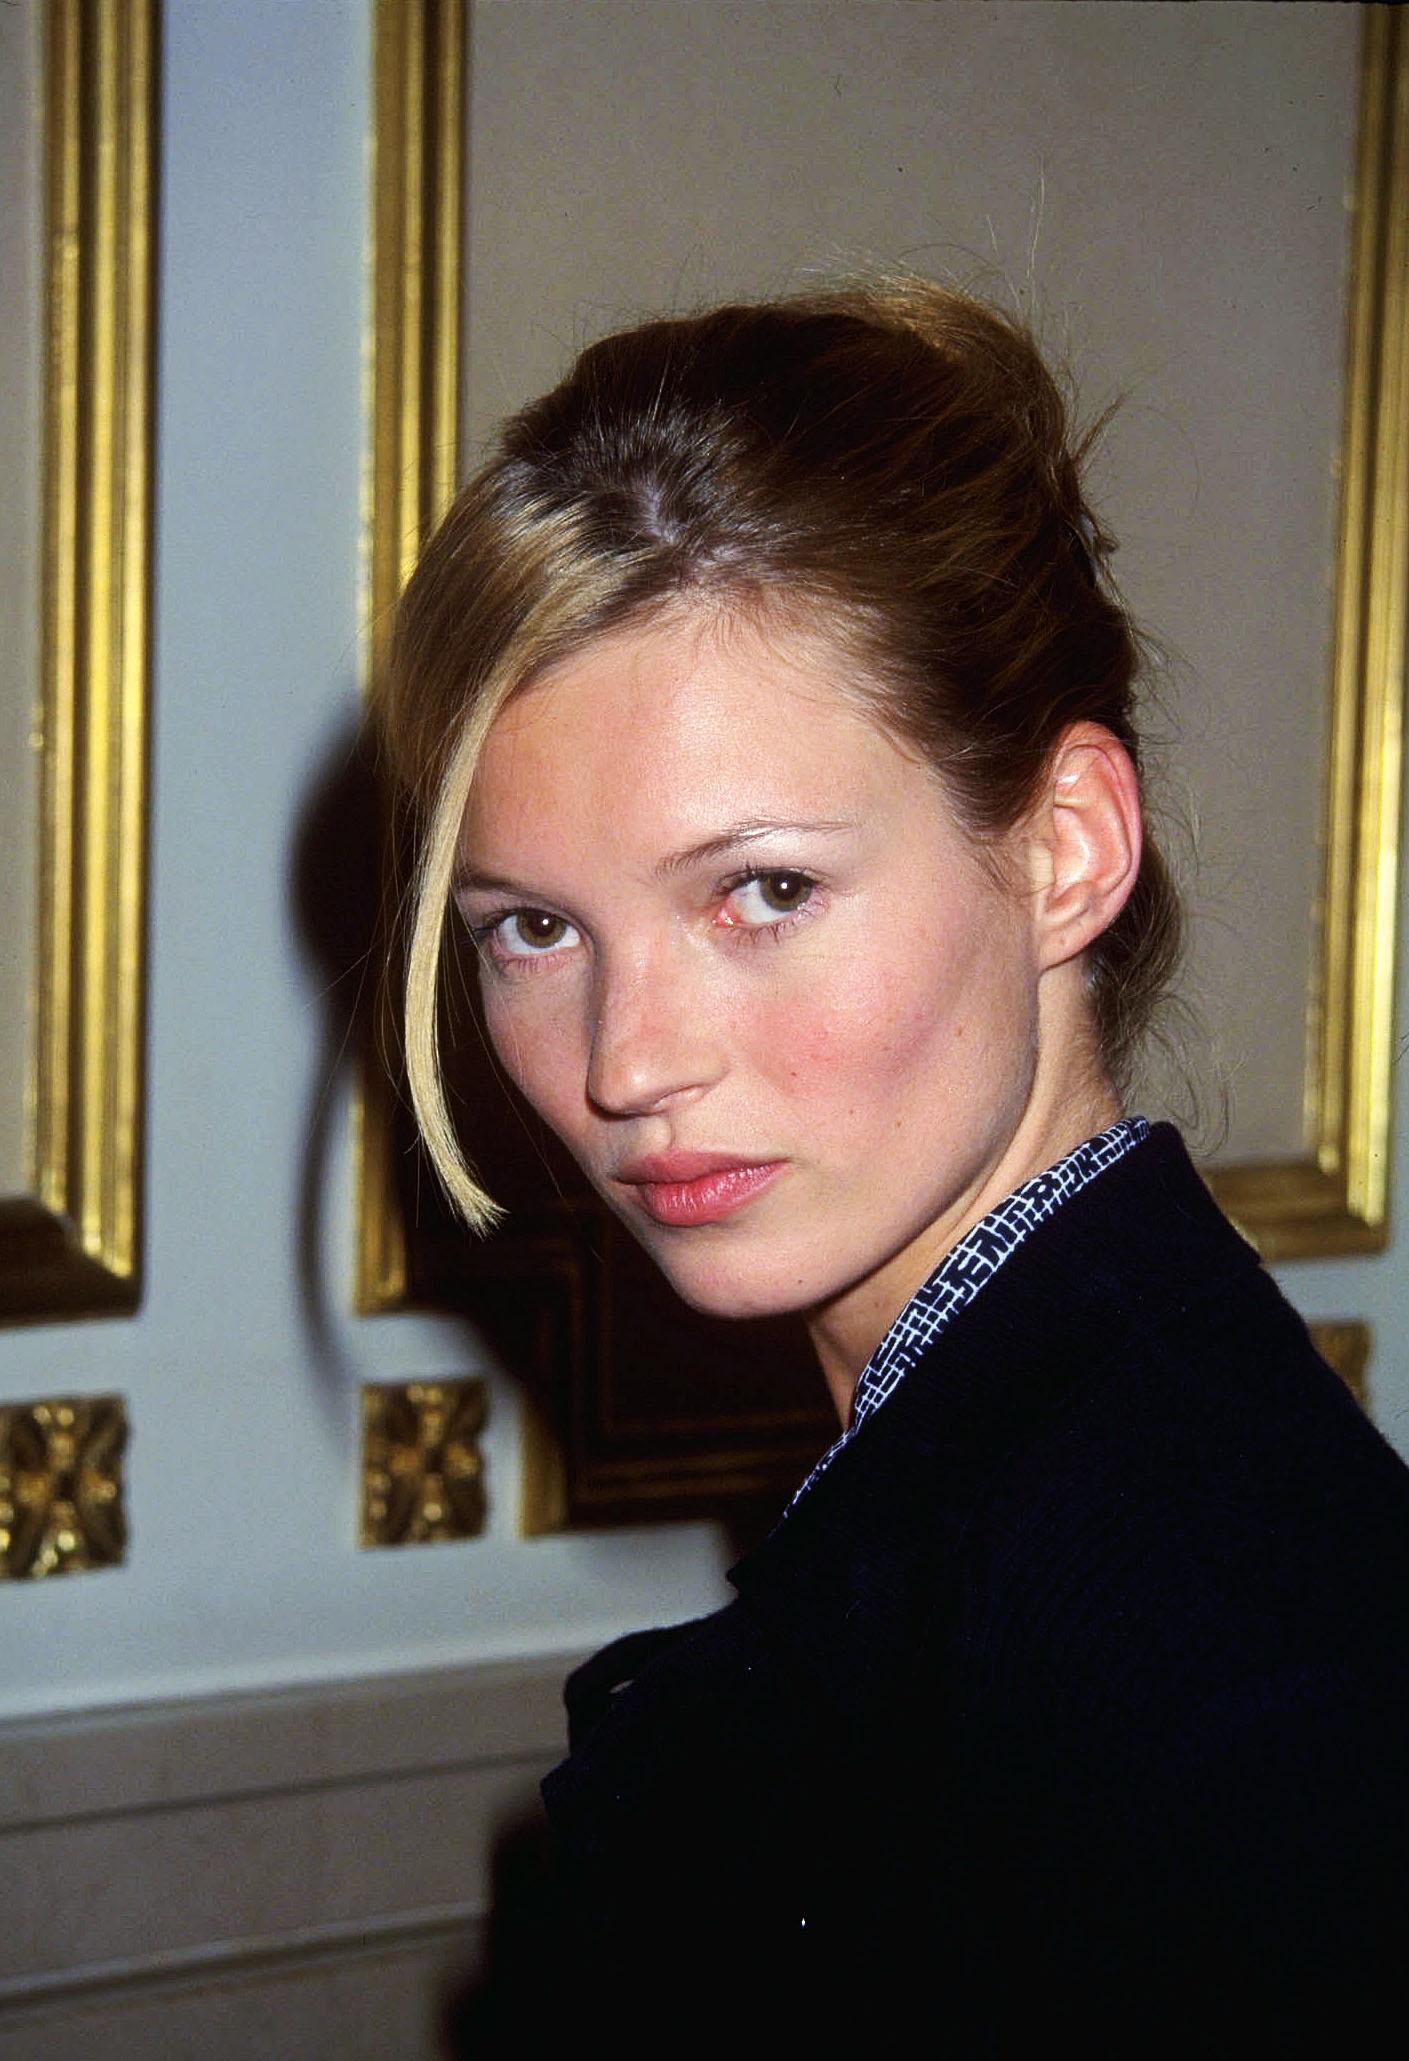 <p><strong>Кейт Мос</strong></p>  <p>Британката без проблеми промени света на модата, когато излиза на сцената в началото на 90-те години с изключително слаба фигура и напълно различен от другите модели вид.</p>  <p>&nbsp;</p>